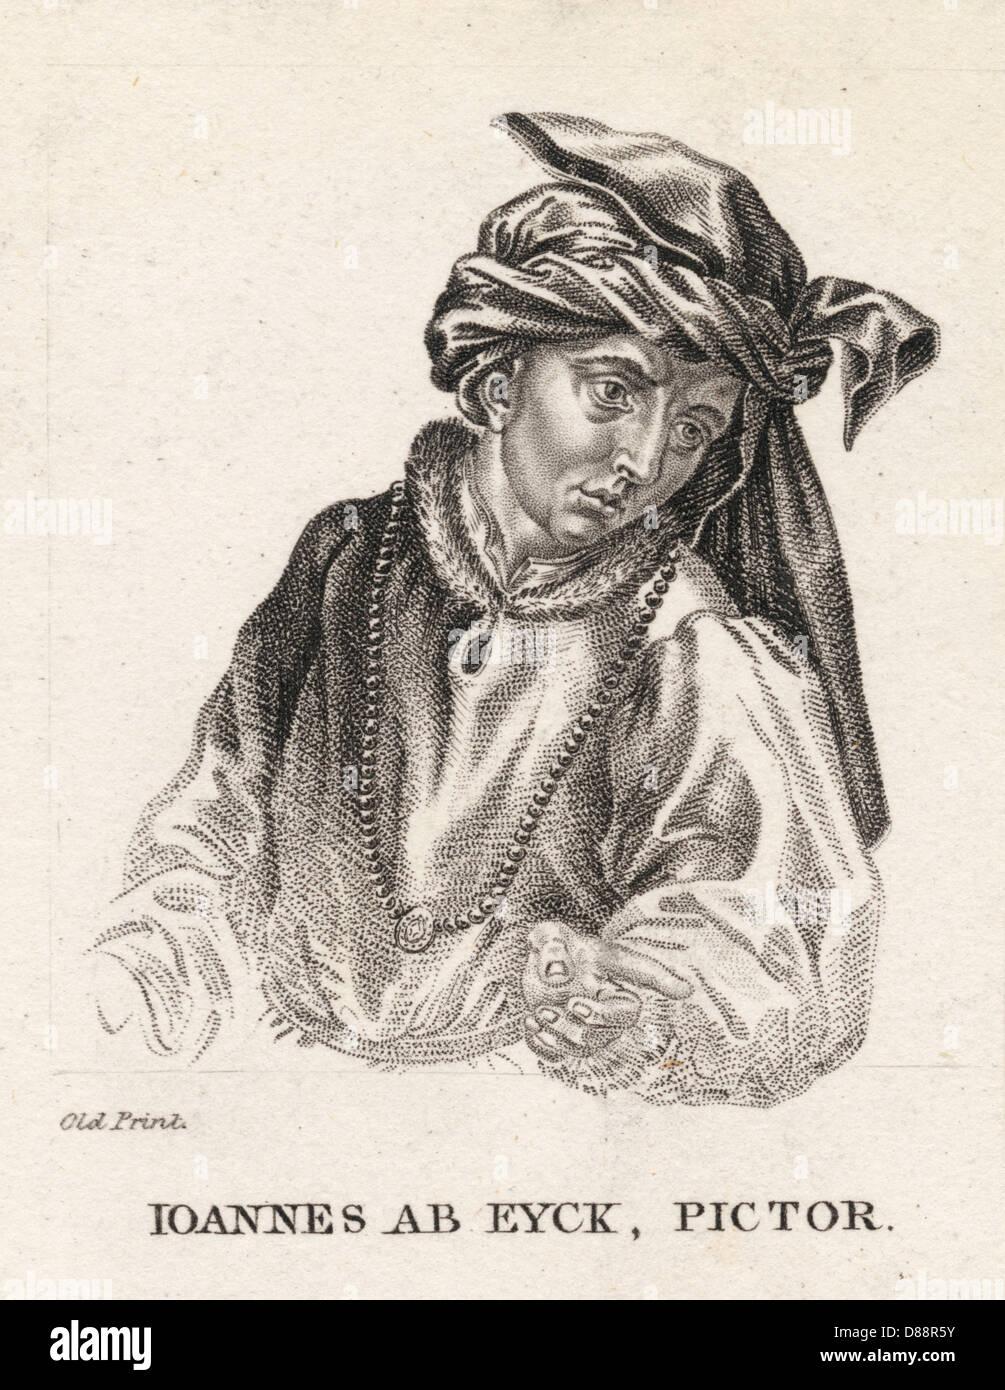 Jan Van Eyck Old Print - Stock Image